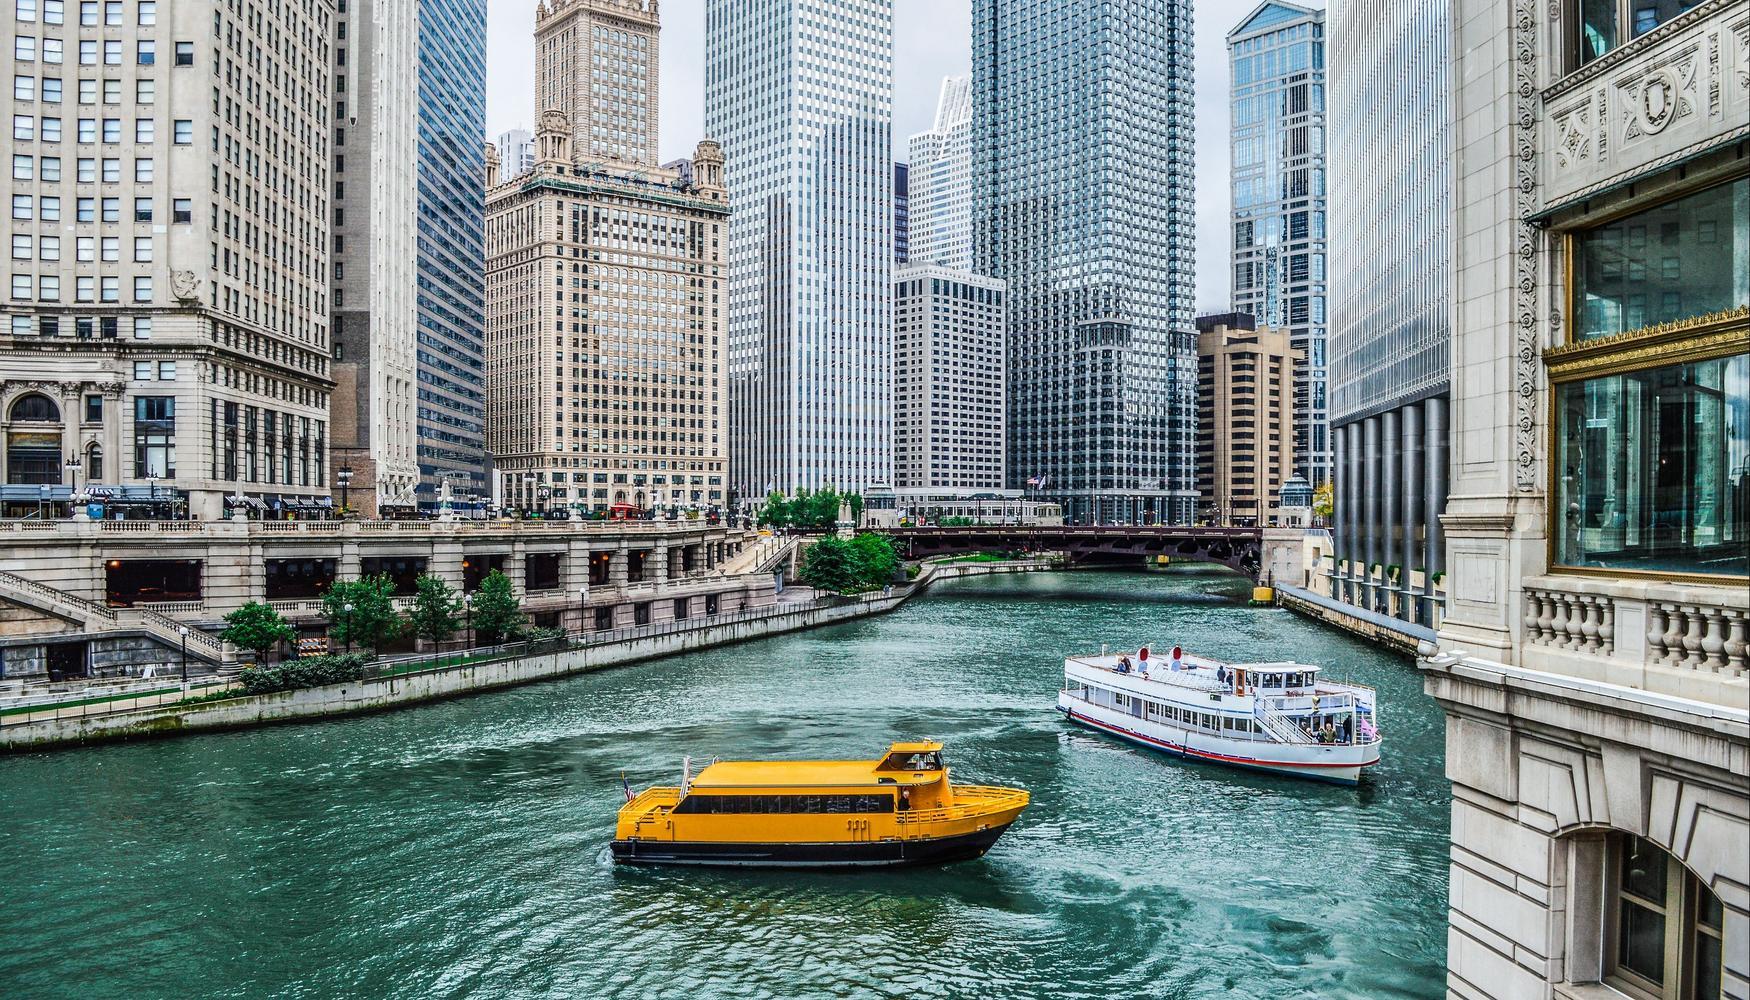 芝加哥罗克福德国际机场的租车